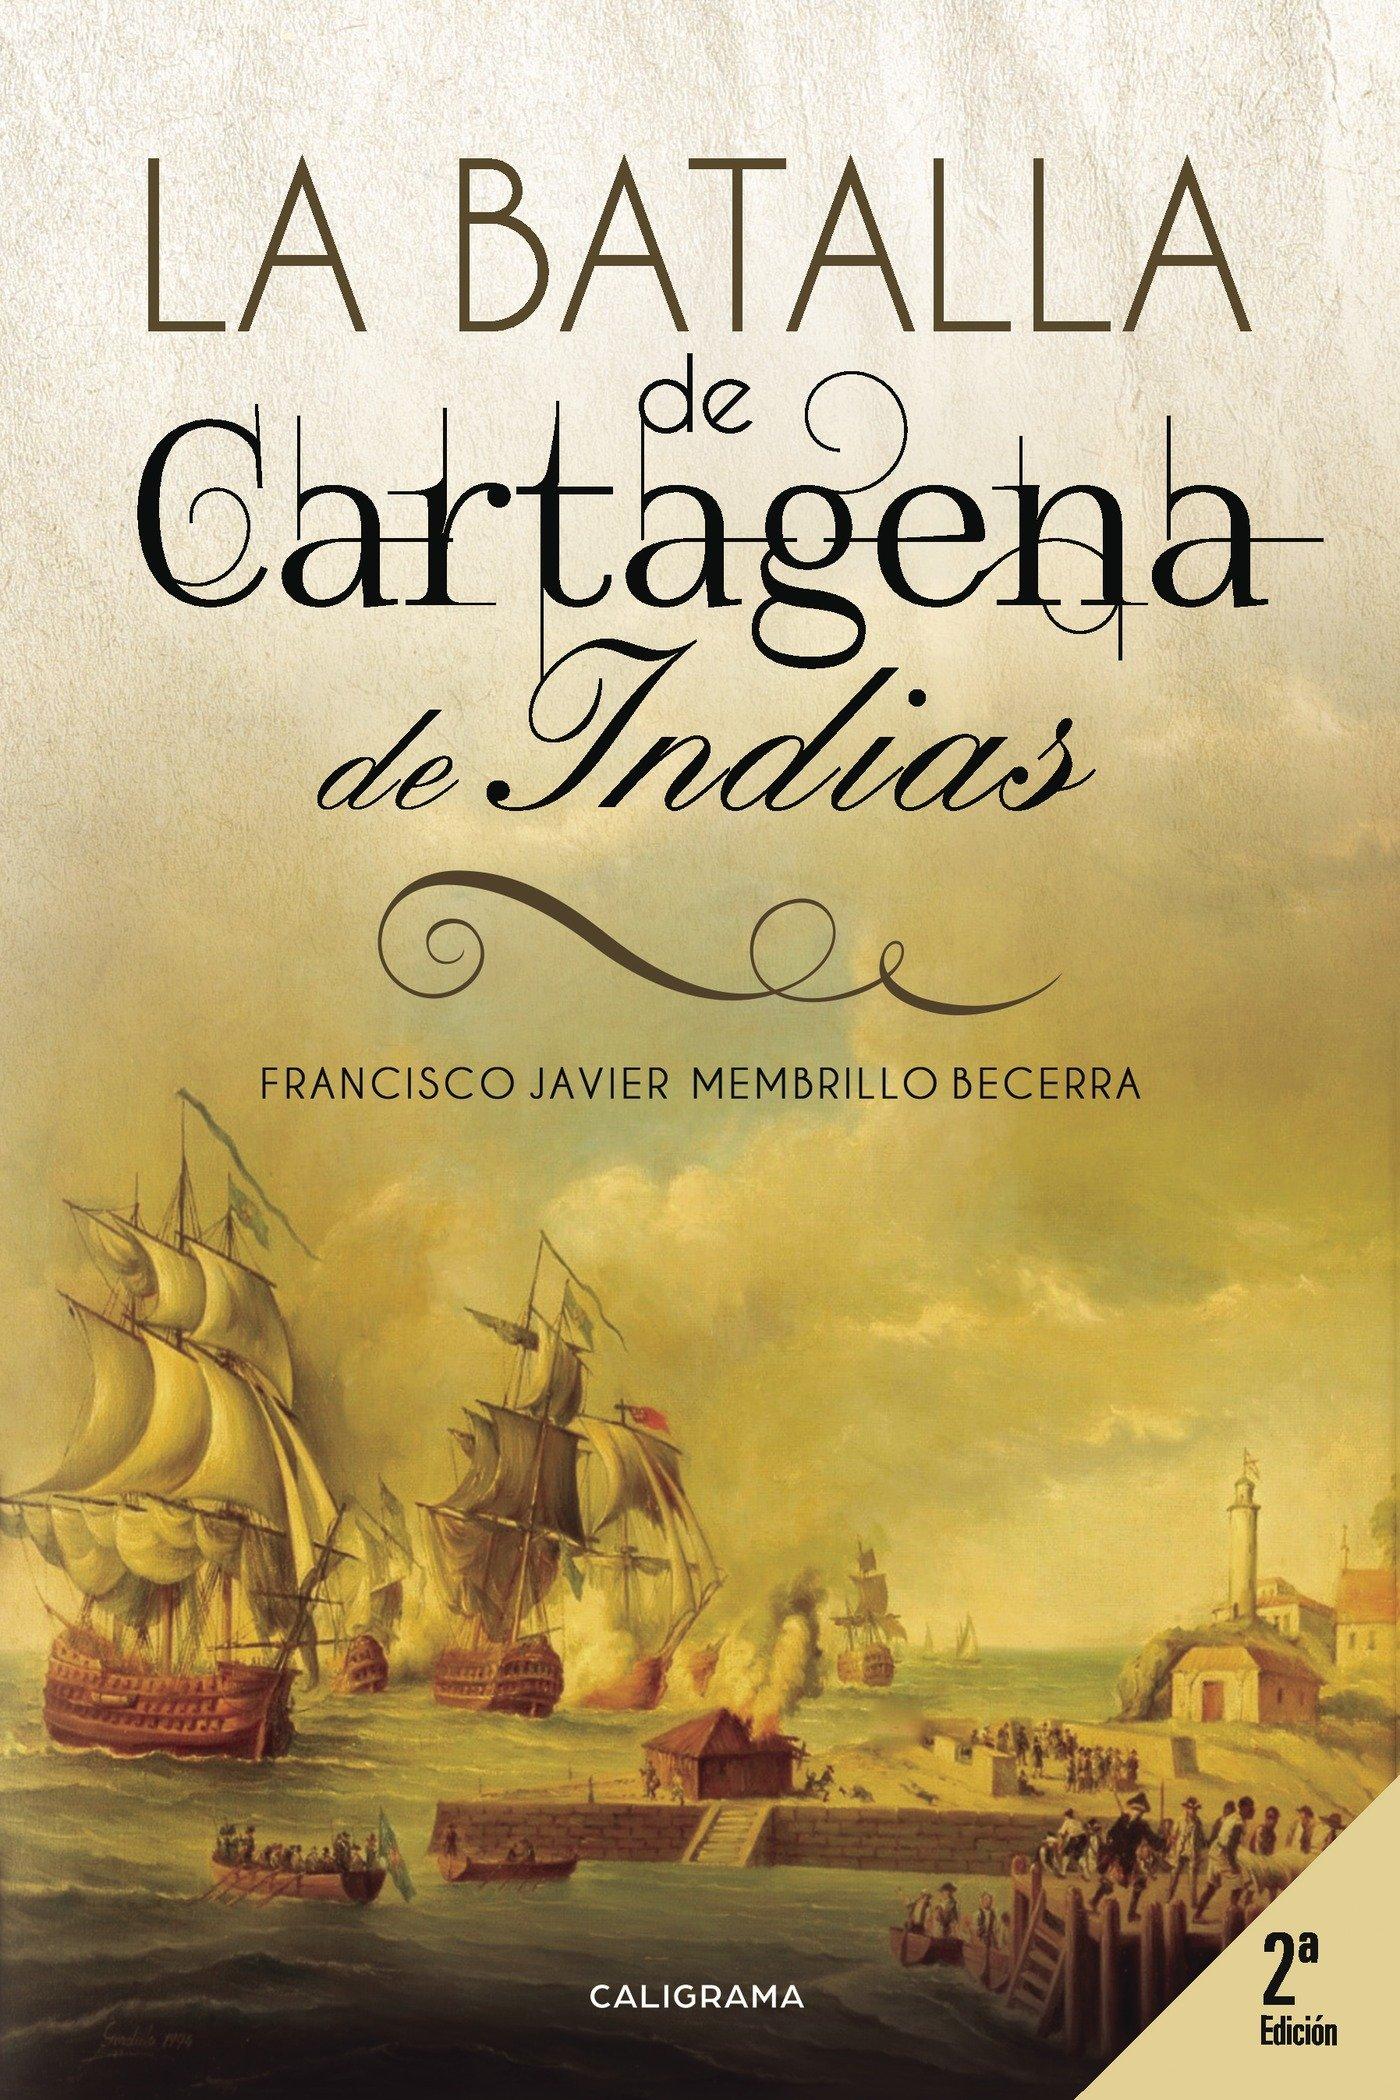 La Batalla de Cartagena de Indias: 2ª edición Caligrama: Amazon.es: Membrillo, Francisco Javier: Libros